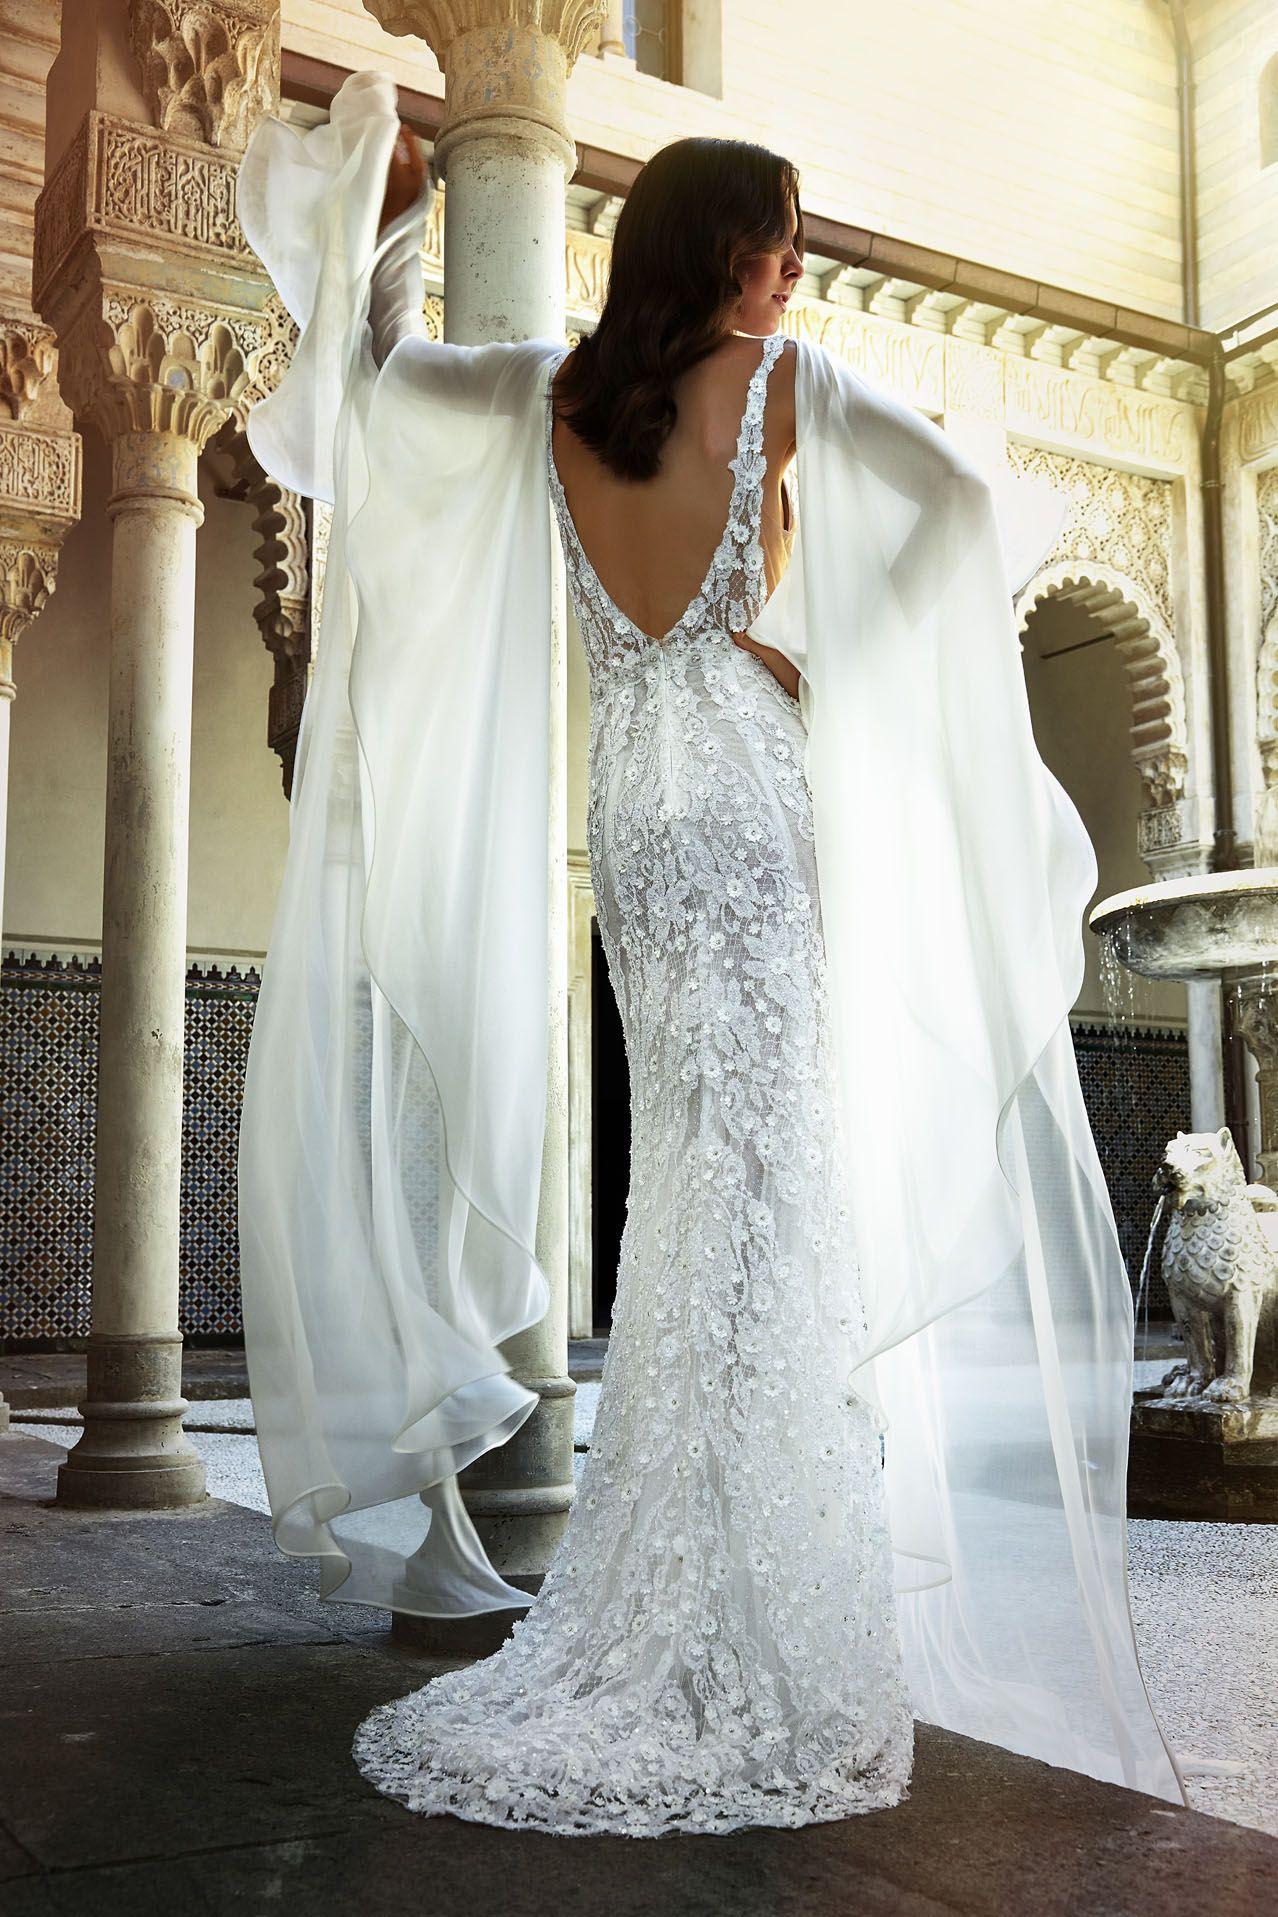 MODELLO LV 0218 Splendido abito da sposa interamente in pizzo francese  ricamato a mano con piccoli 4eb1723adcd